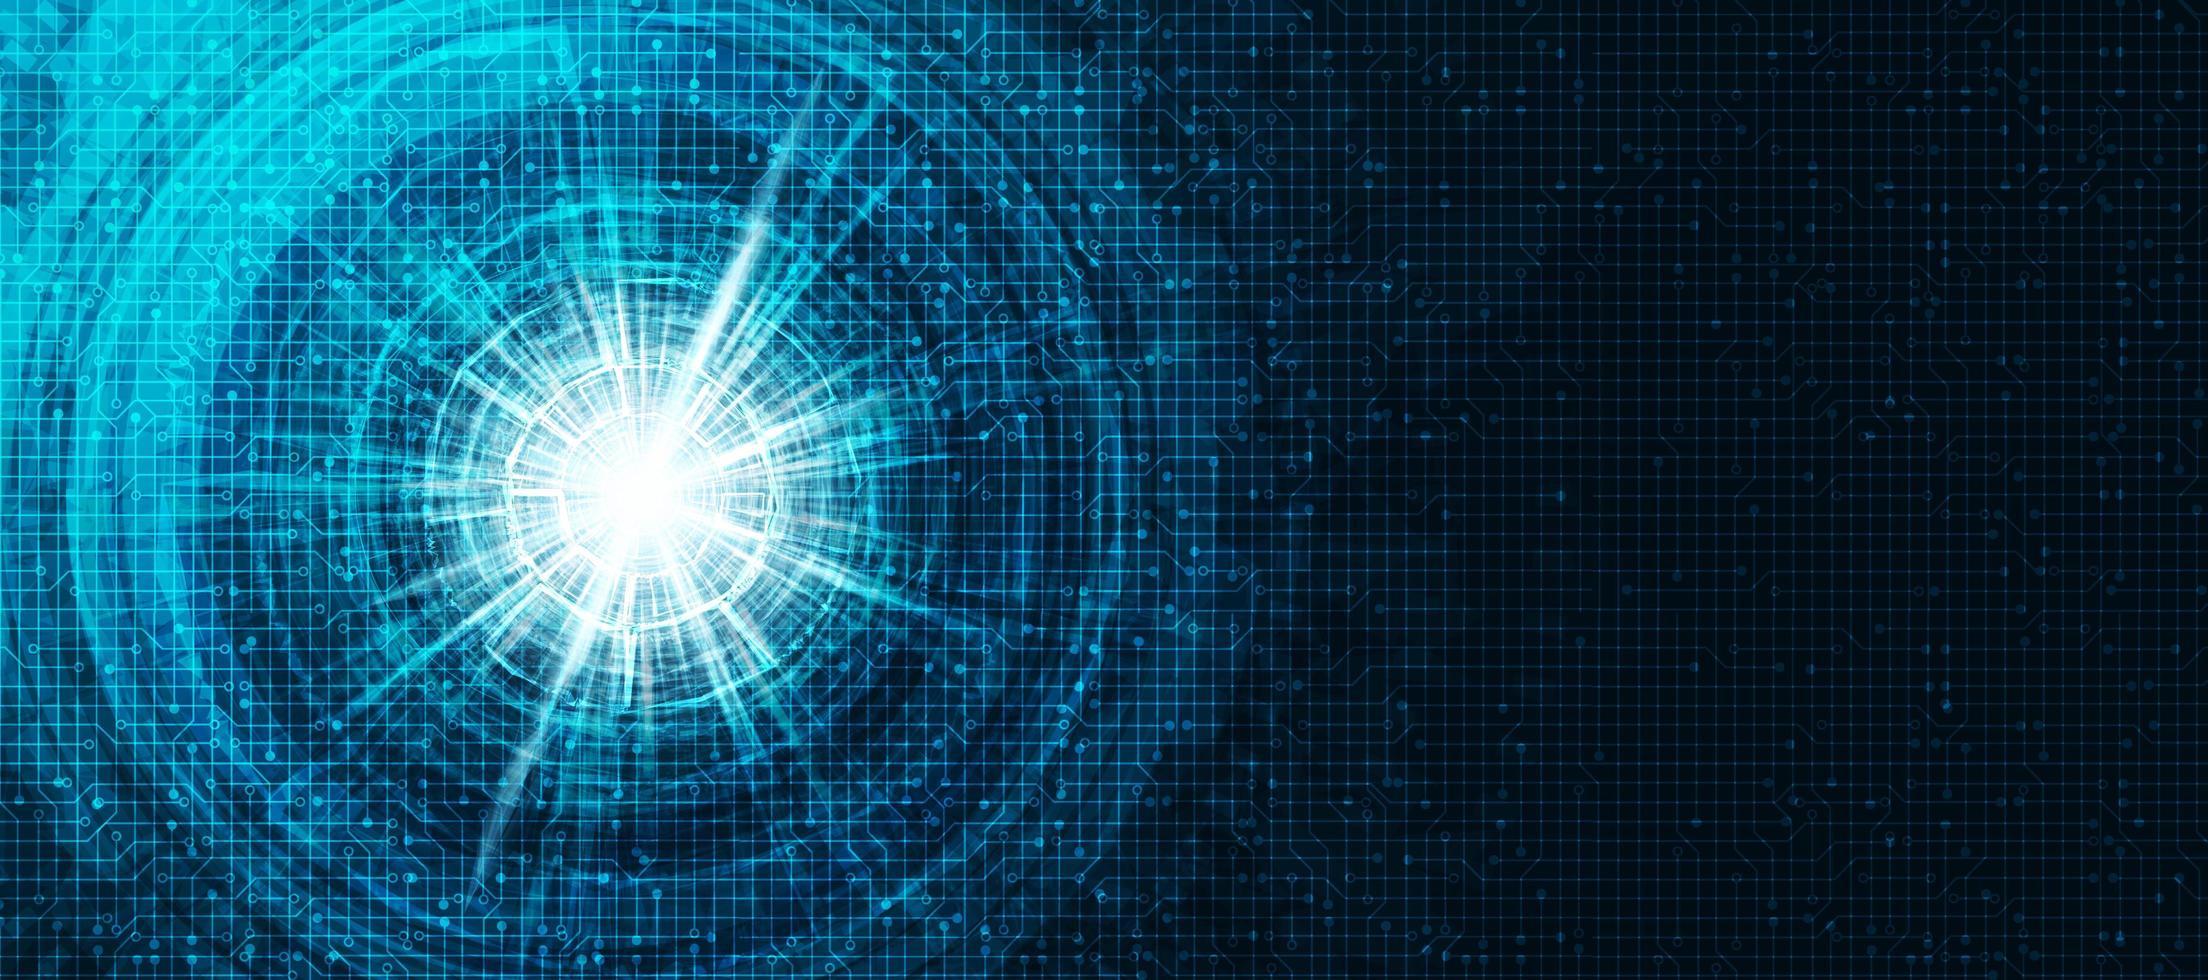 cirkel tech på teknik bakgrund vektor